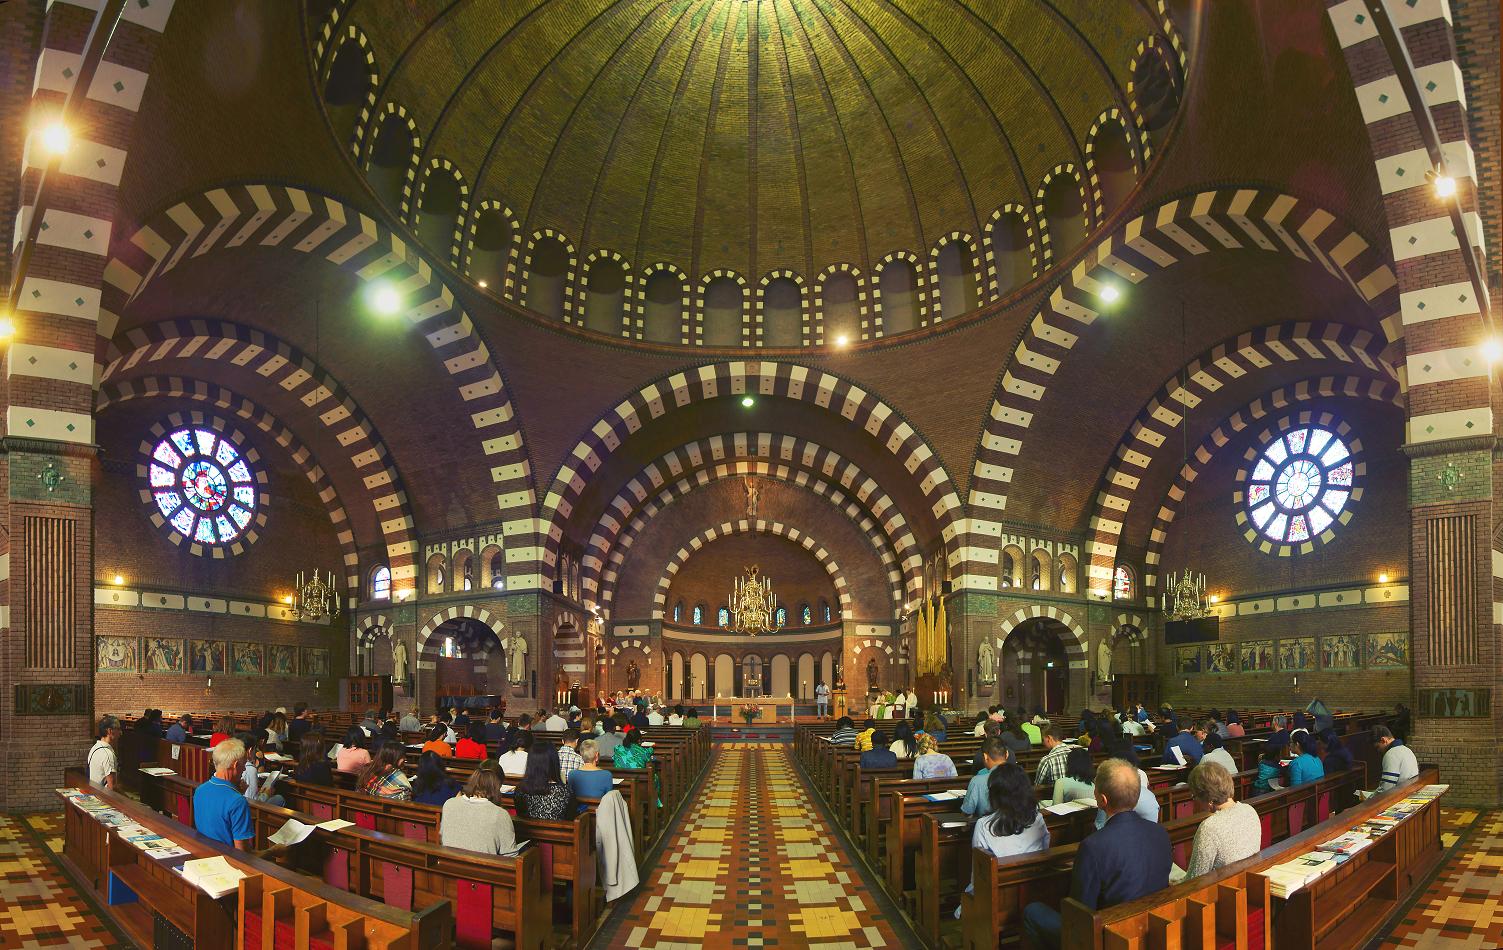 bogenrkkerk